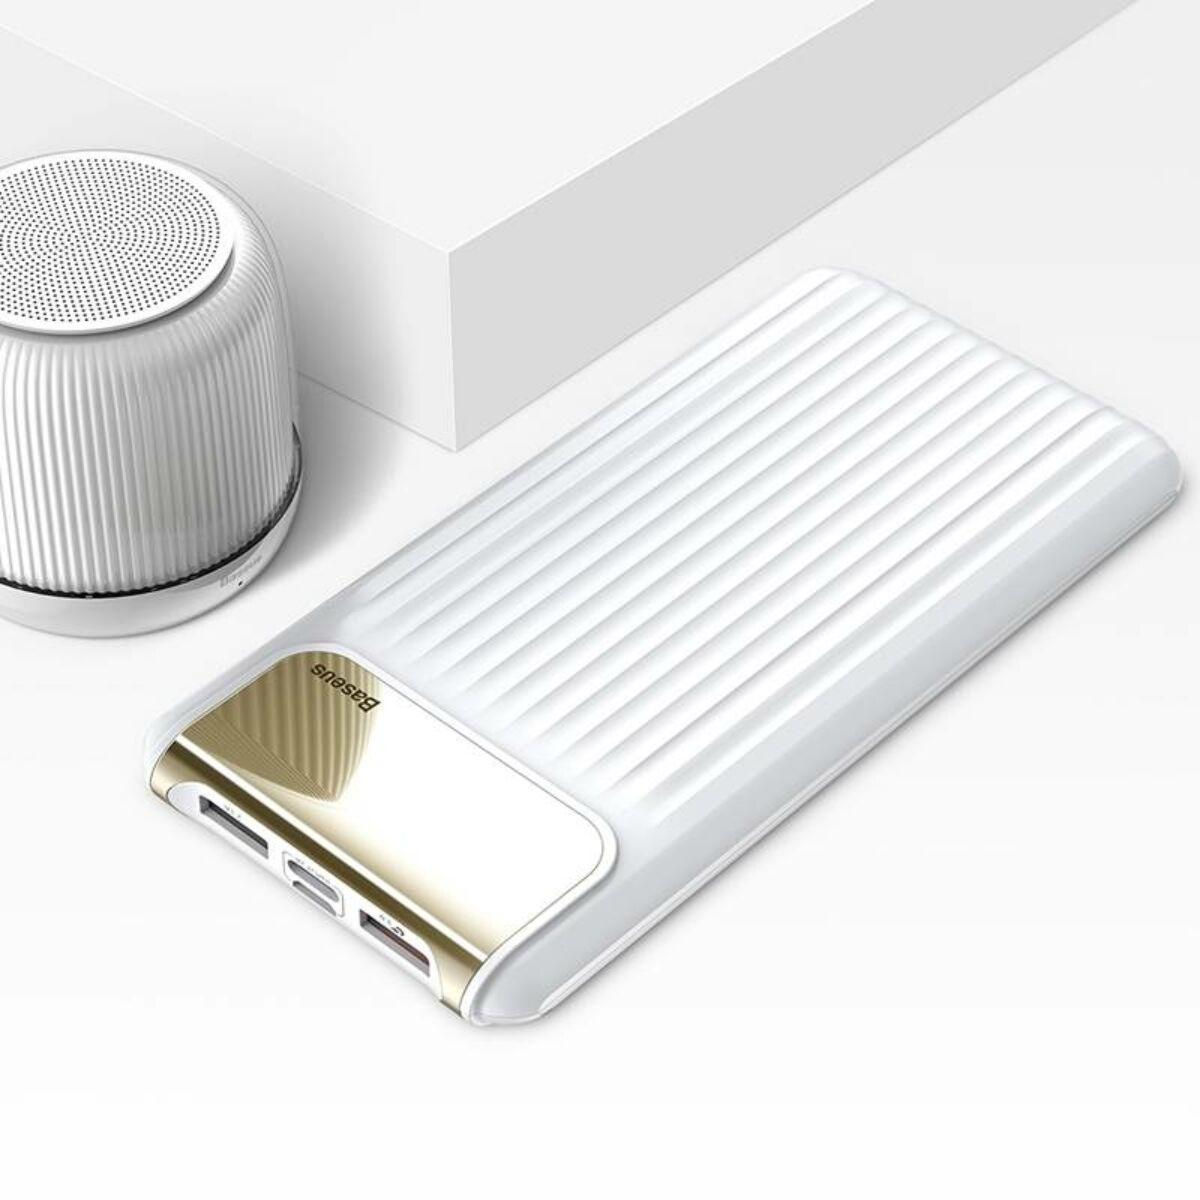 Baseus Power Bank Thin, digitális kijelző, (Type-C + Micro USB bemenet / dupla USB kimenet), 3A, 10.000 mAh, fehér (PPYZ-C02)